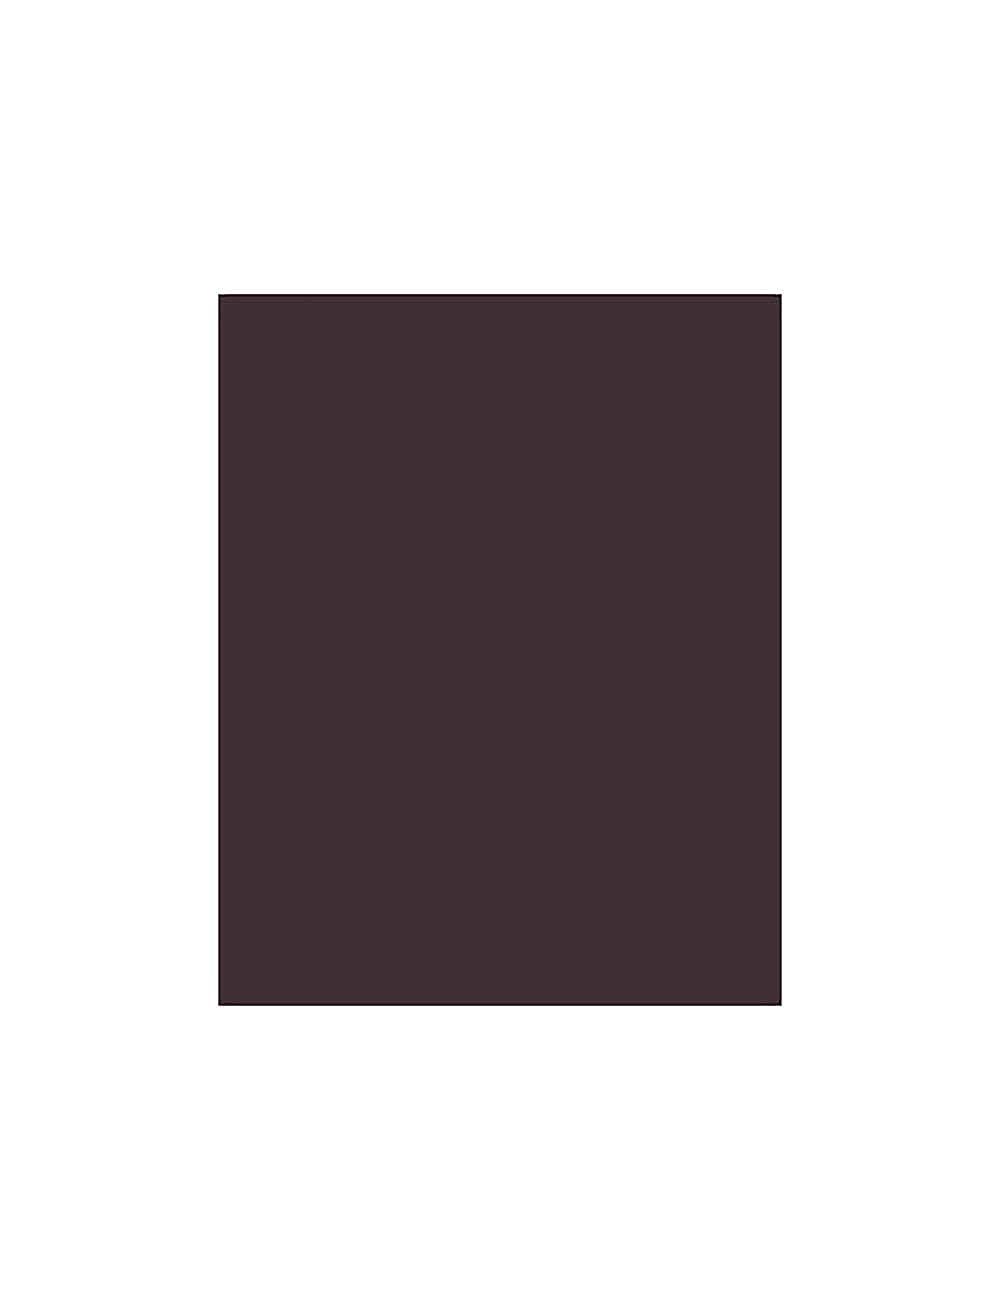 YISEVEN Guantes Hombre Invierno de Cuero de Gamuza de Real Piel de Ciervo de Lujo retro vintage con Cintur/ón C/álidos Forroda Largo T/érmico Mu/ñeca de Conducci/ón Coche moto regalo